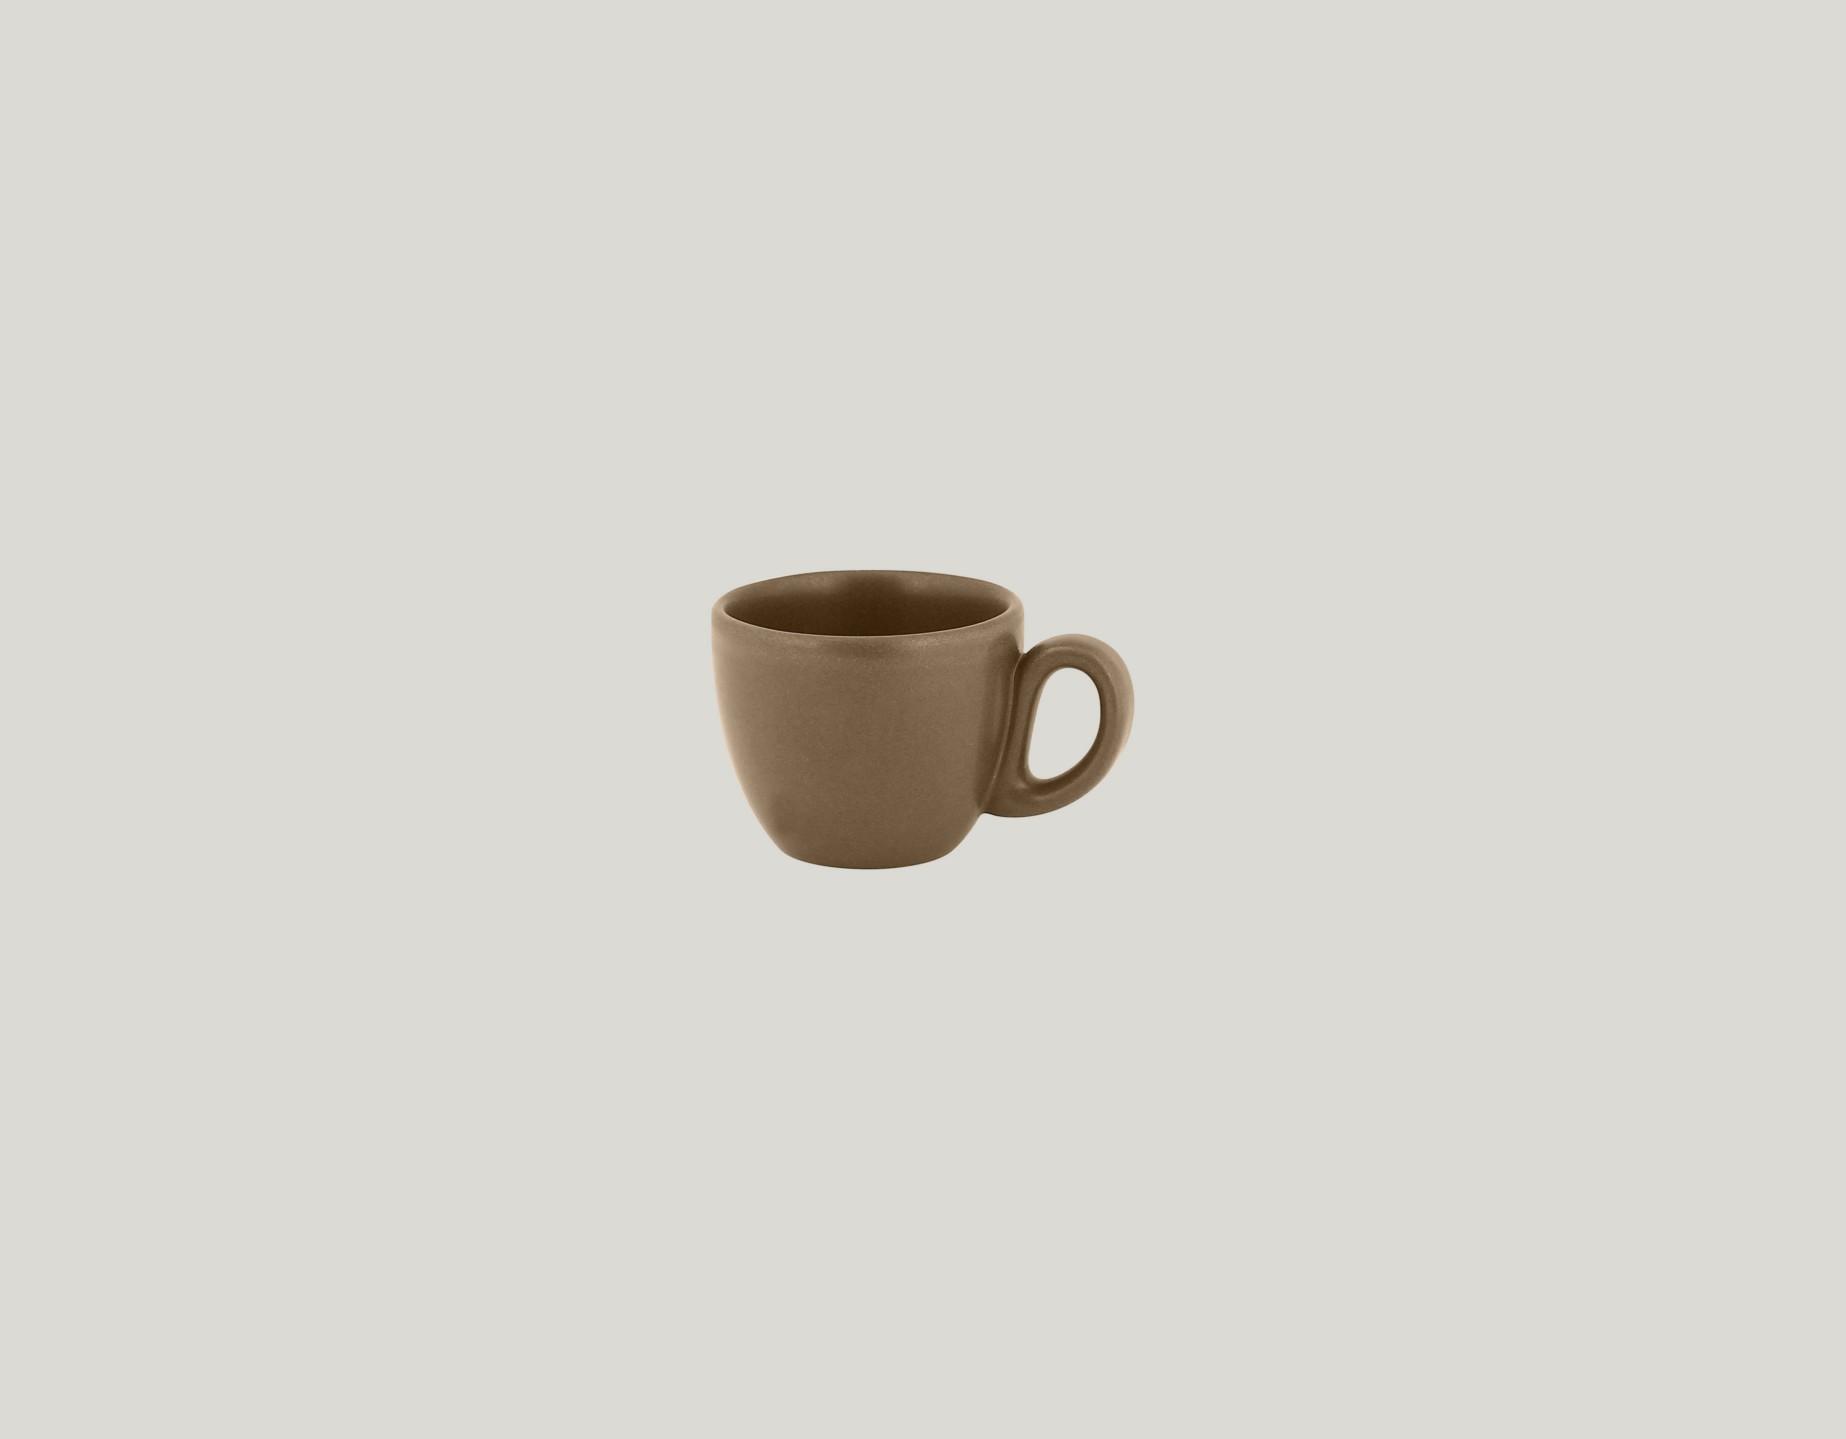 Šálek na espresso 8 cl - crust